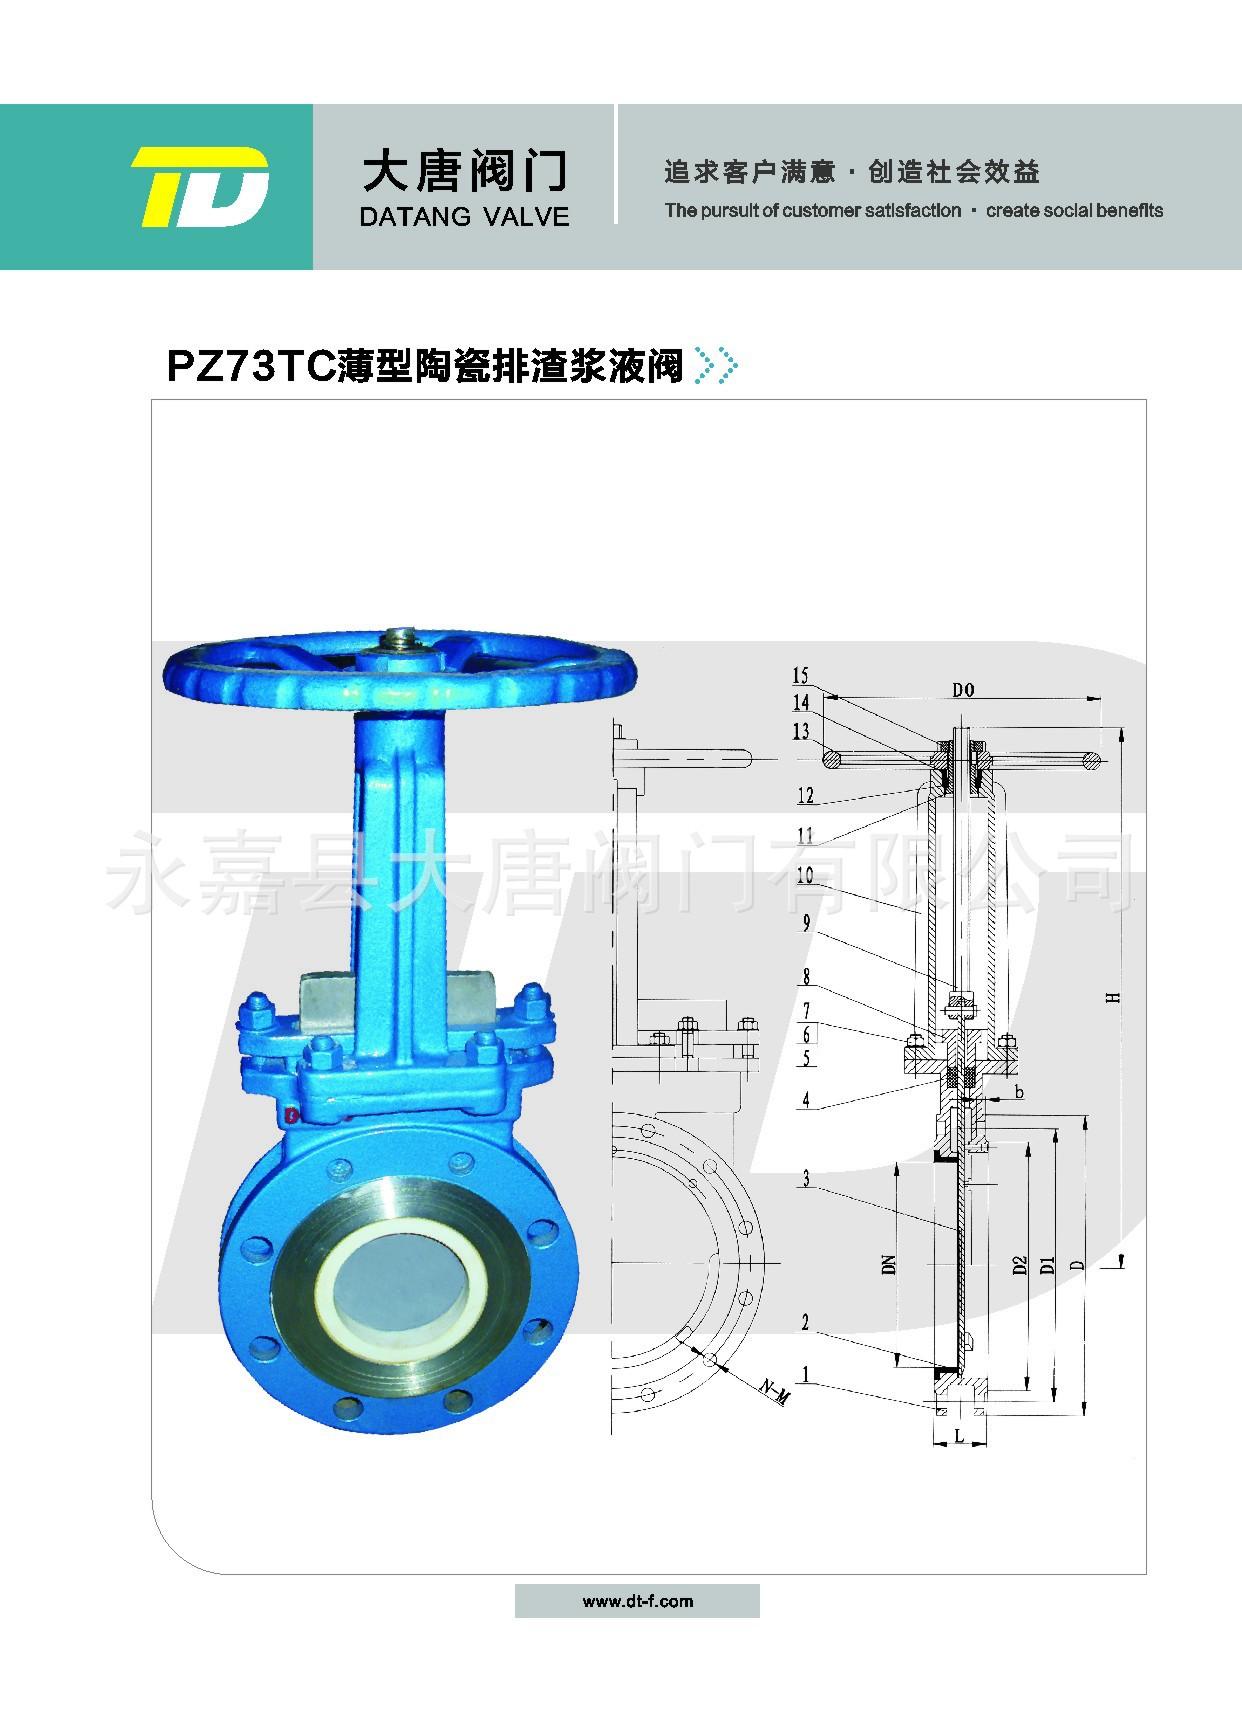 薄型陶瓷排渣浆液阀pz73tc 耐磨陶瓷单板阀 陶瓷刀闸阀图片